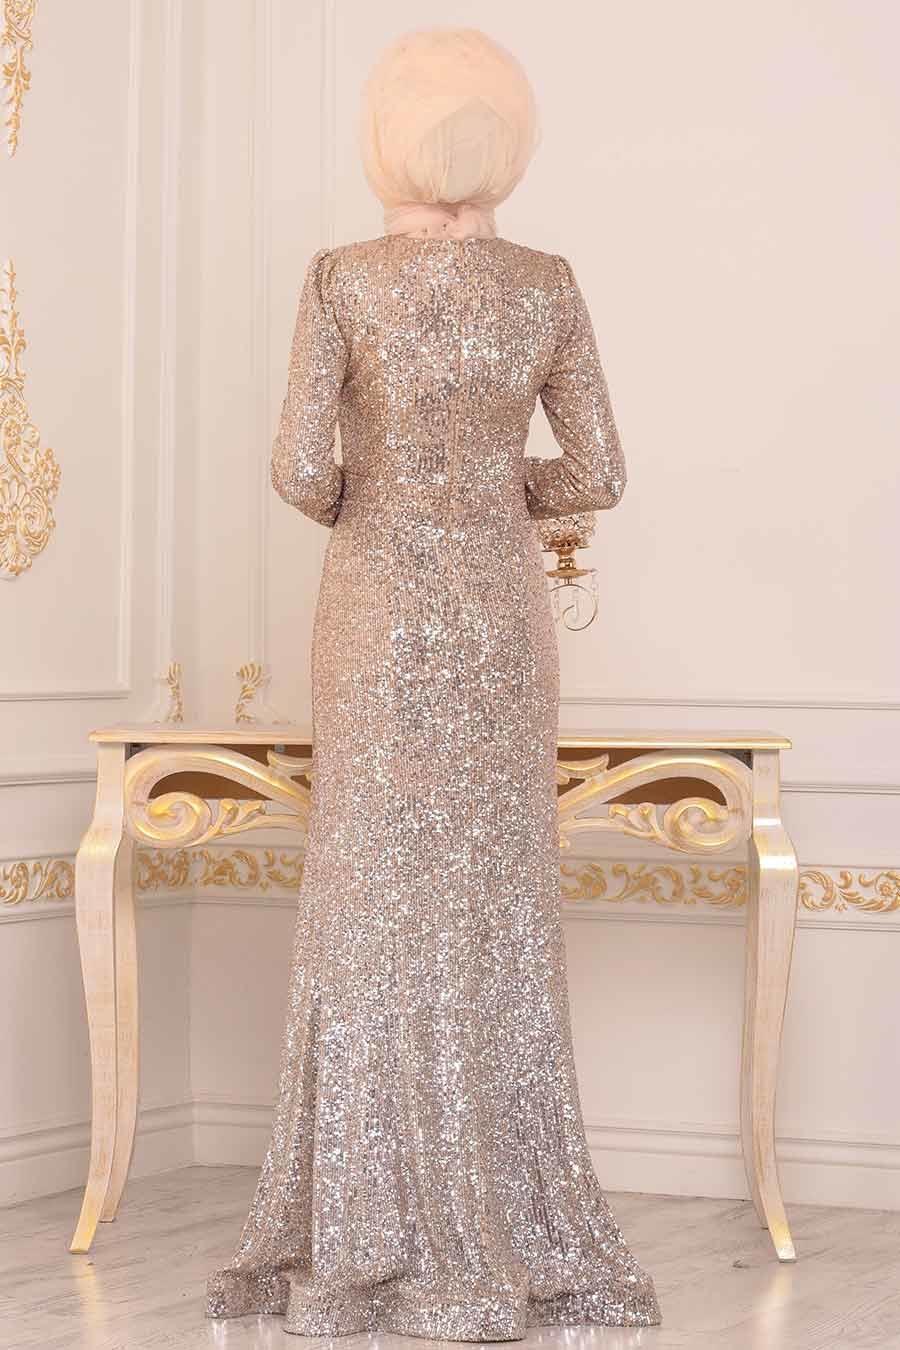 Tesettürlü Abiye Elbise - Pul Payetli Gold Tesettür Abiye Elbise 2106GOLD